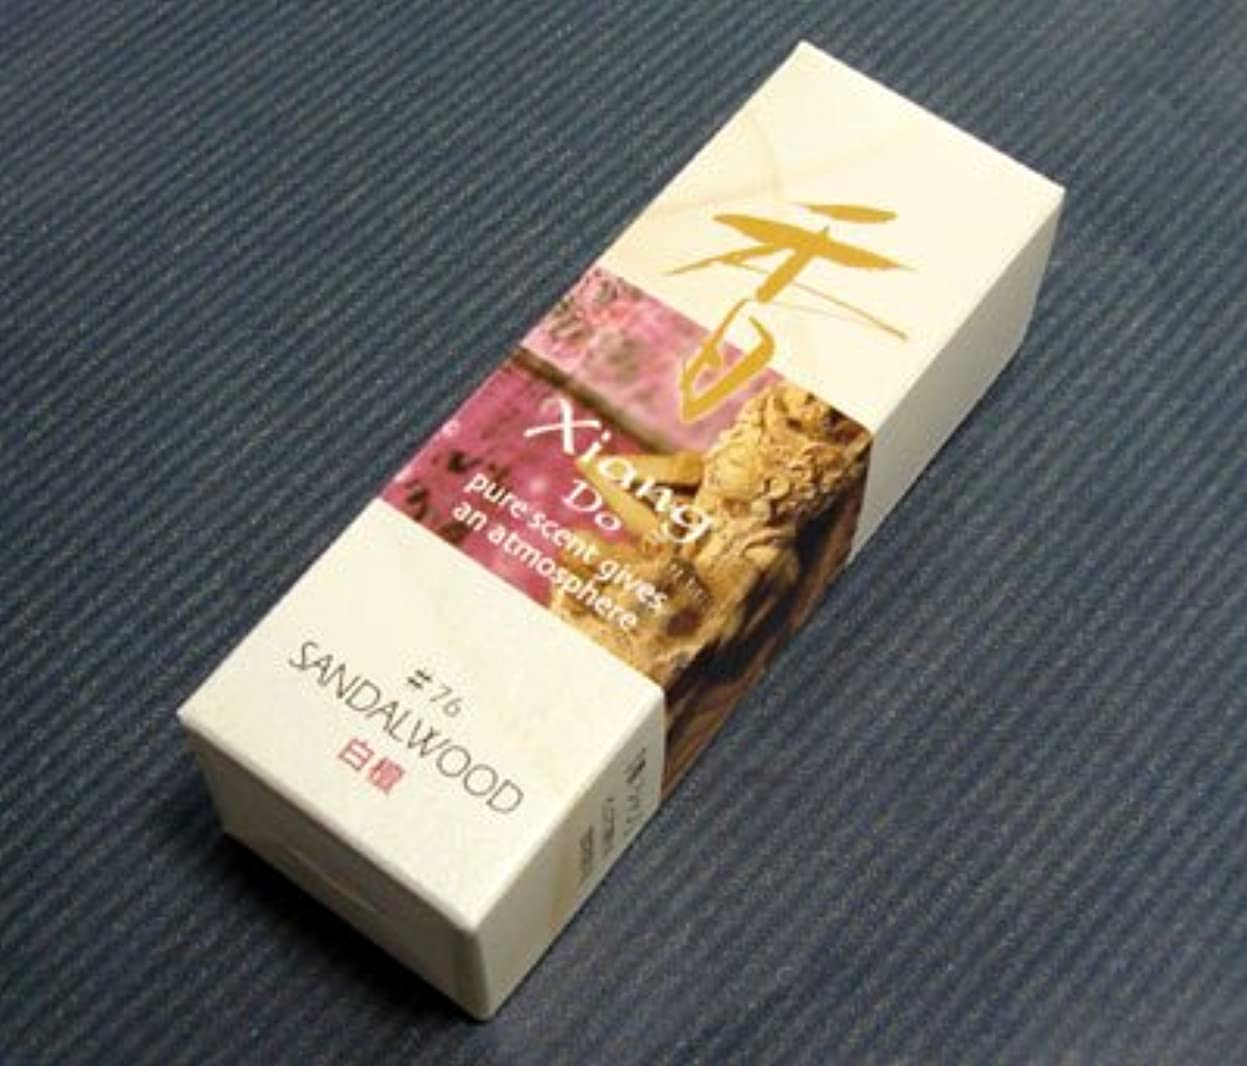 追うに負けるチャップピュアな白檀の香り 松栄堂【Xiang Do サンダルウッド】スティック 【お香】